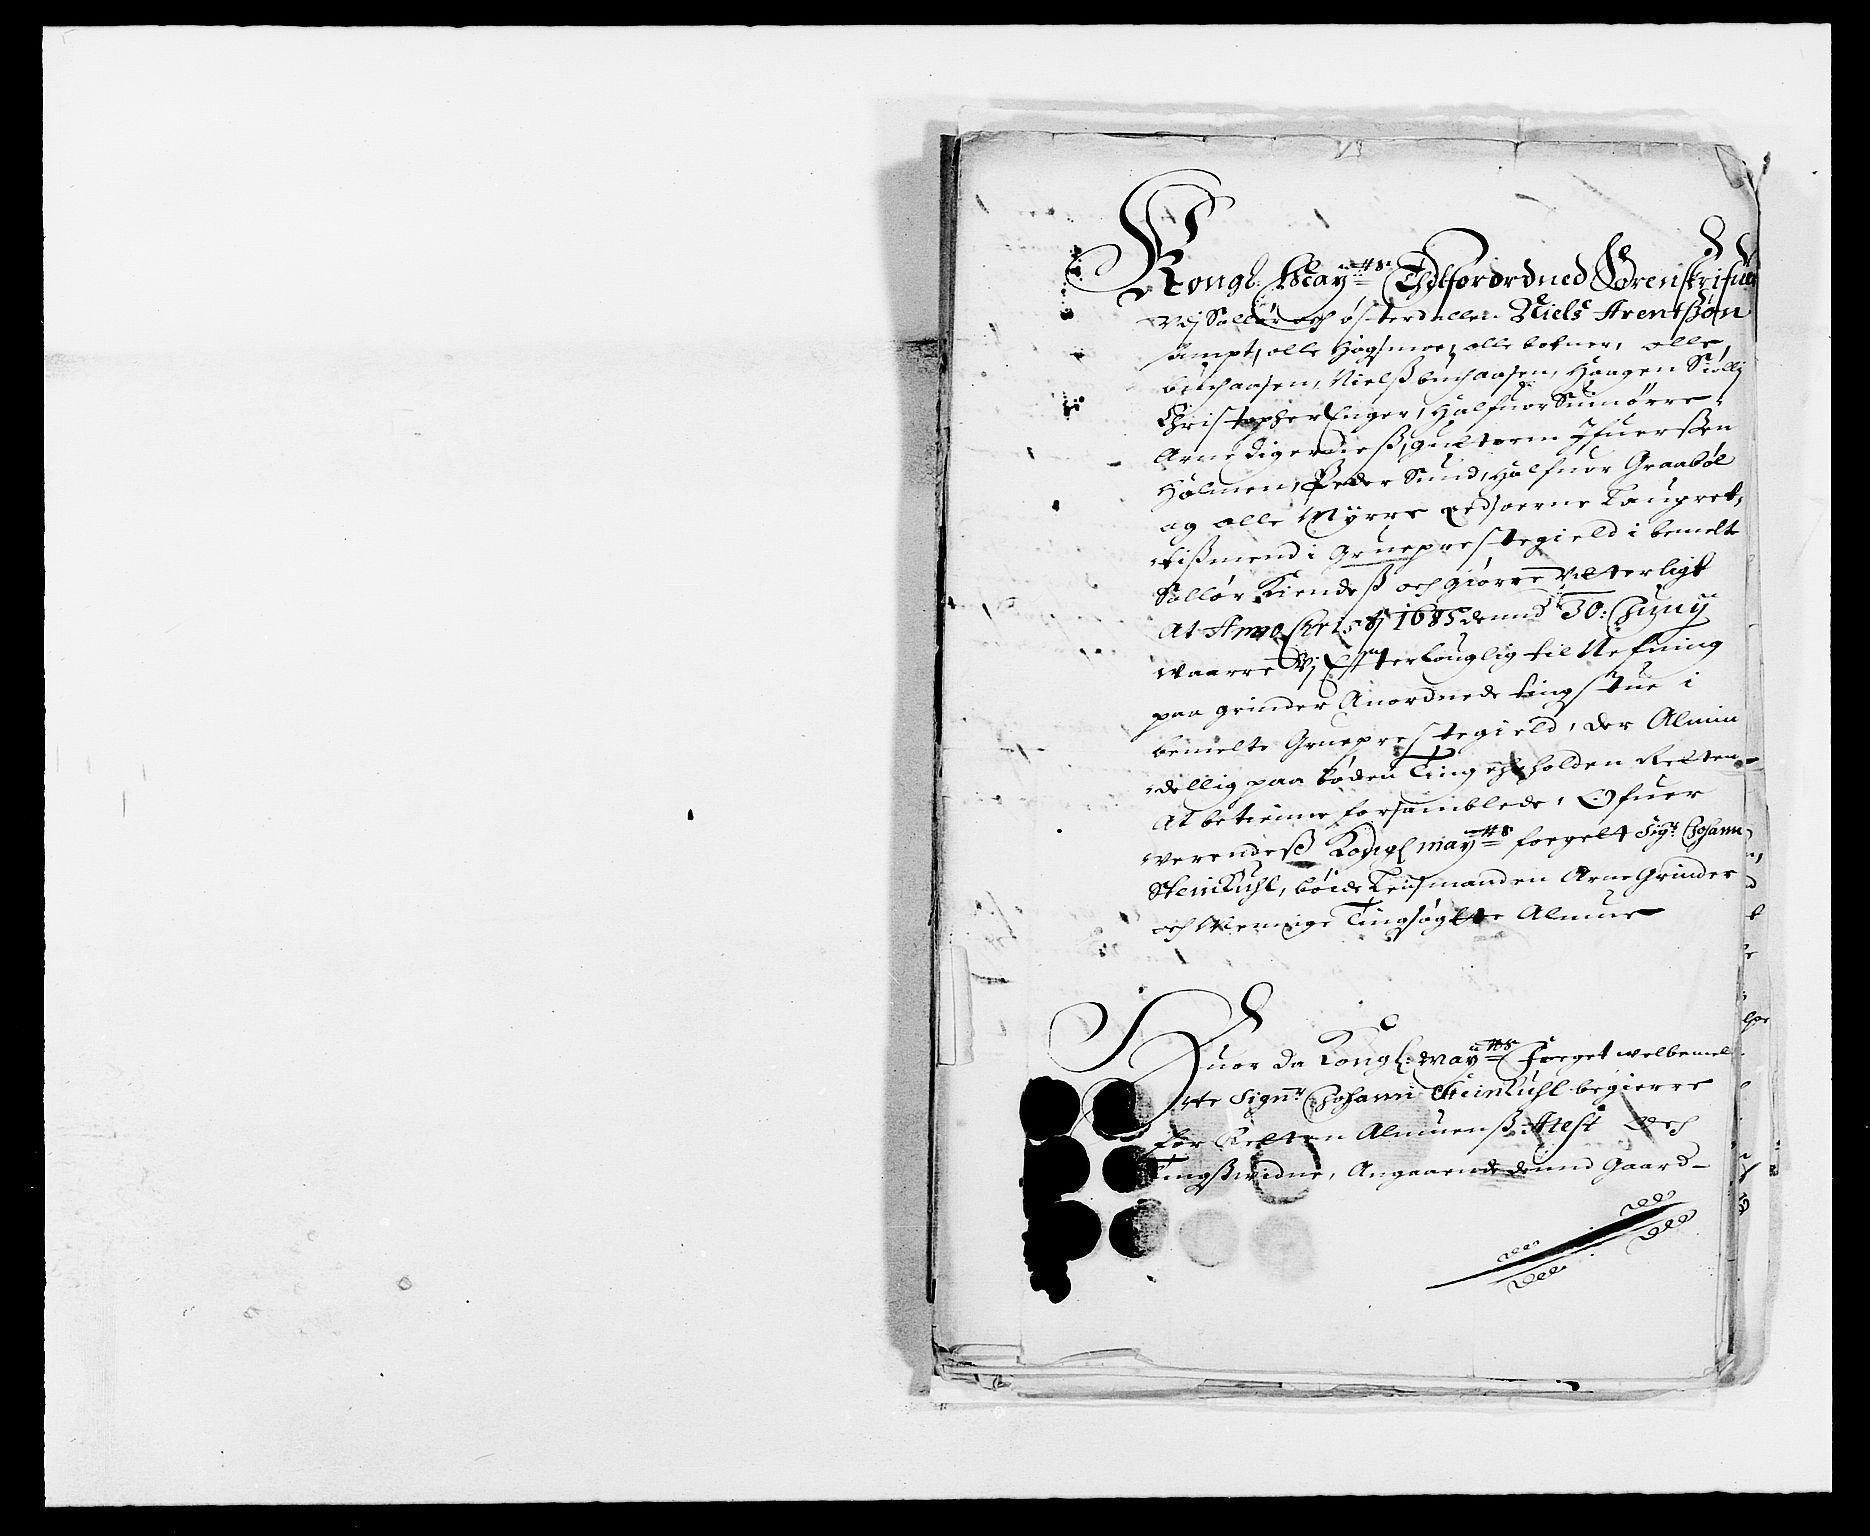 RA, Rentekammeret inntil 1814, Reviderte regnskaper, Fogderegnskap, R13/L0822: Fogderegnskap Solør, Odal og Østerdal, 1685, s. 239